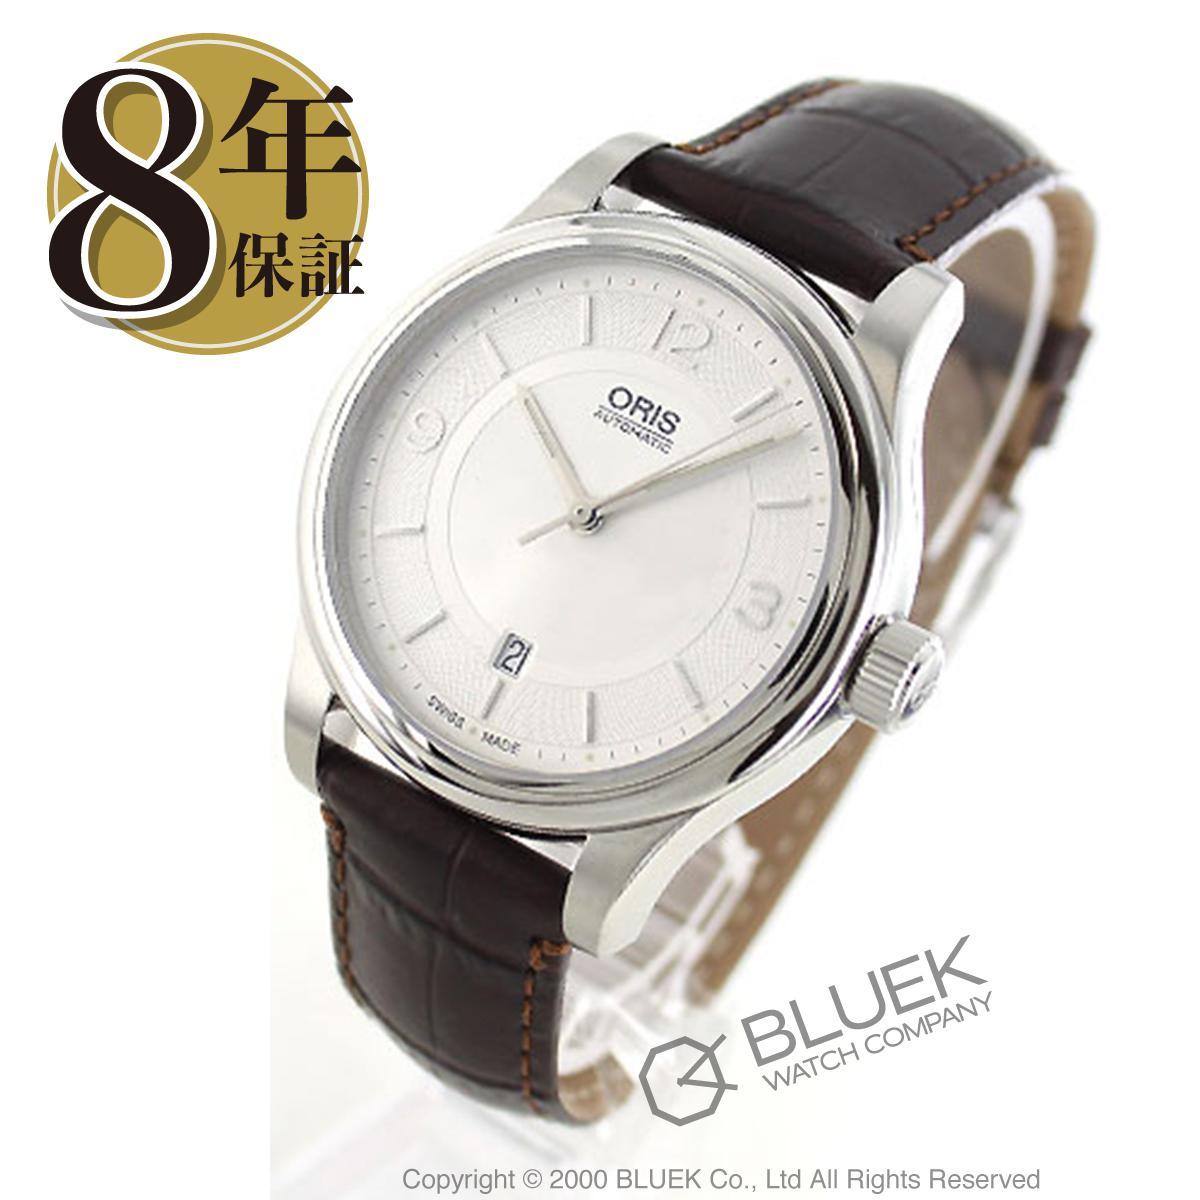 オリス ORIS 腕時計 クラシック メンズ 733 7594 4031F_8